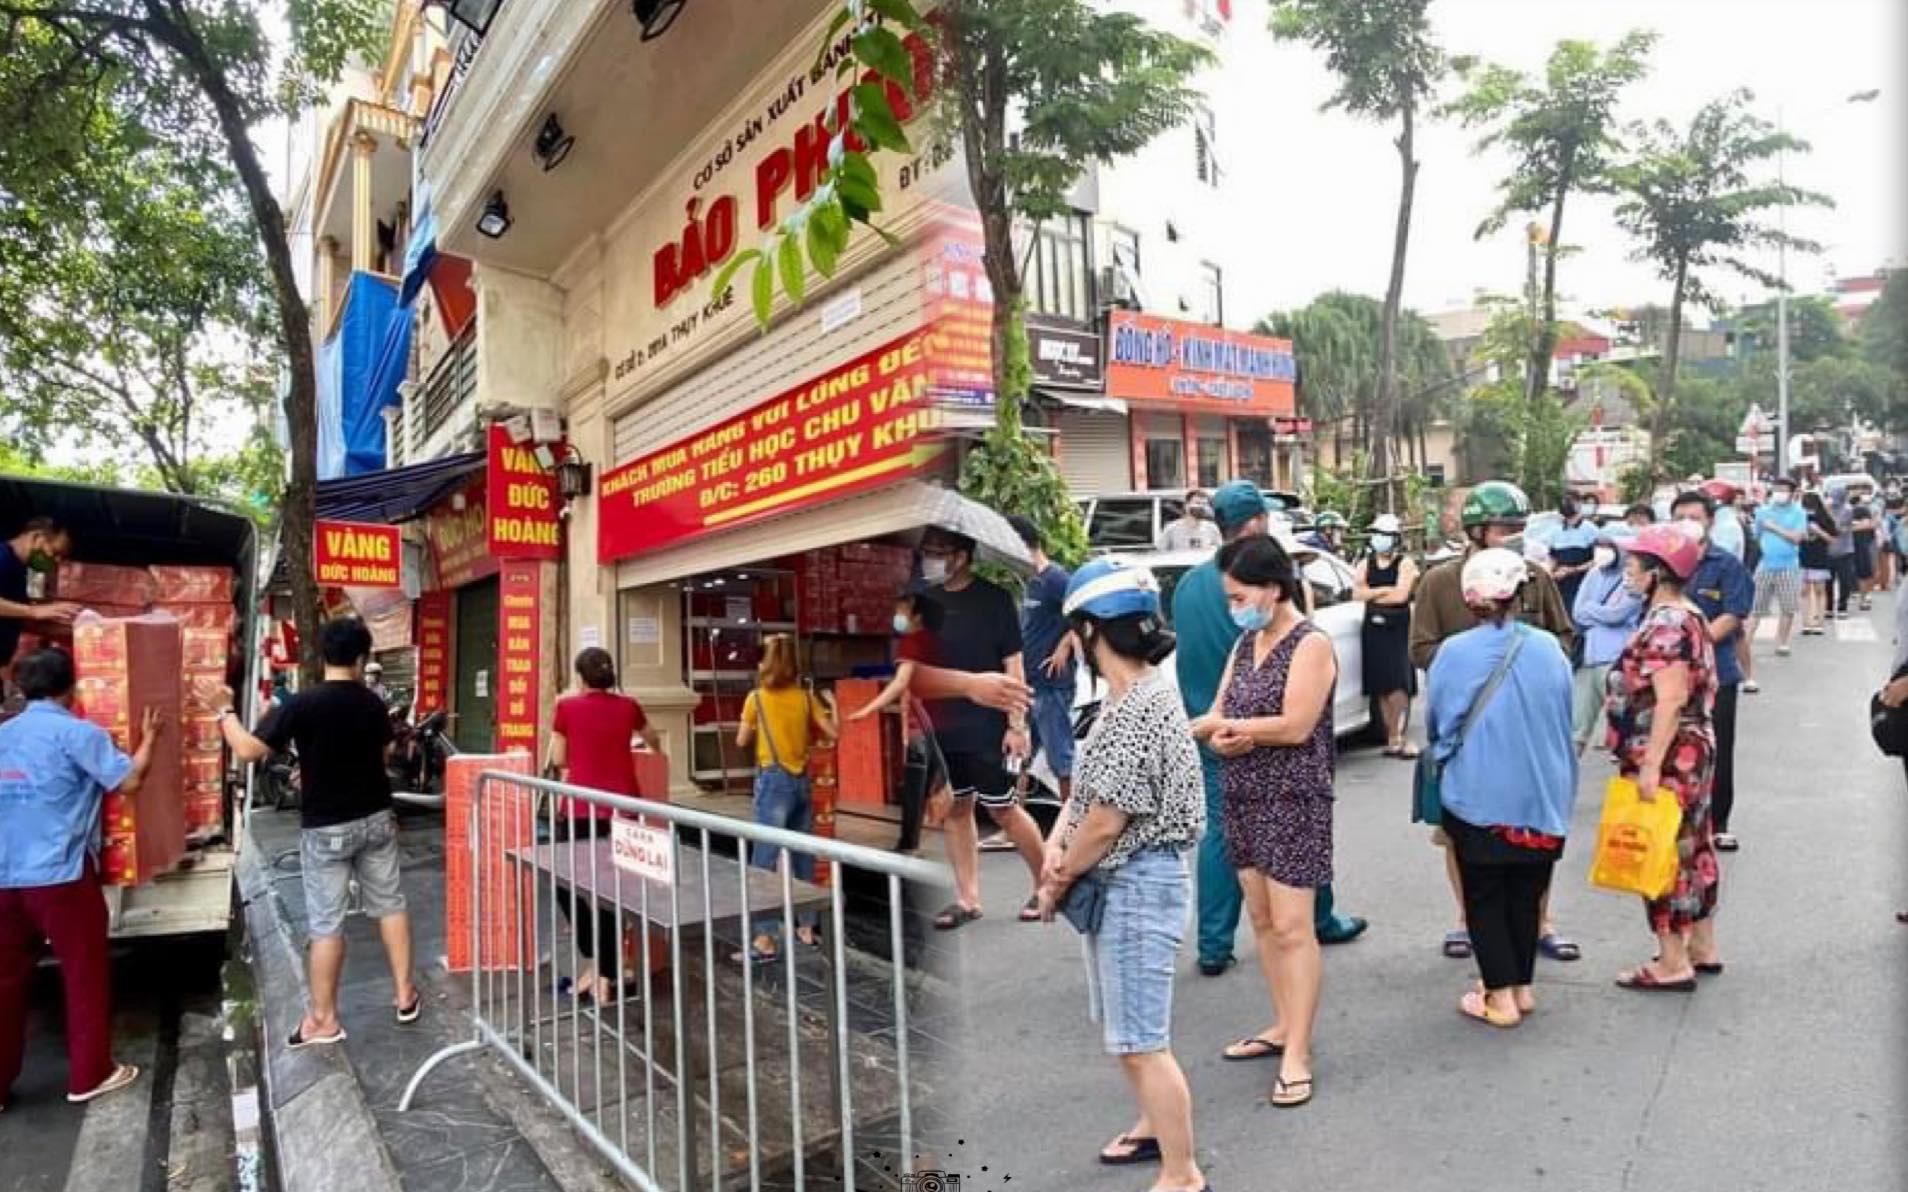 Ảnh: 2 ngày trước Trung thu, người Hà Nội xếp hàng rồng rắn dưới nắng 35 độ chờ mua bánh Bảo Phương